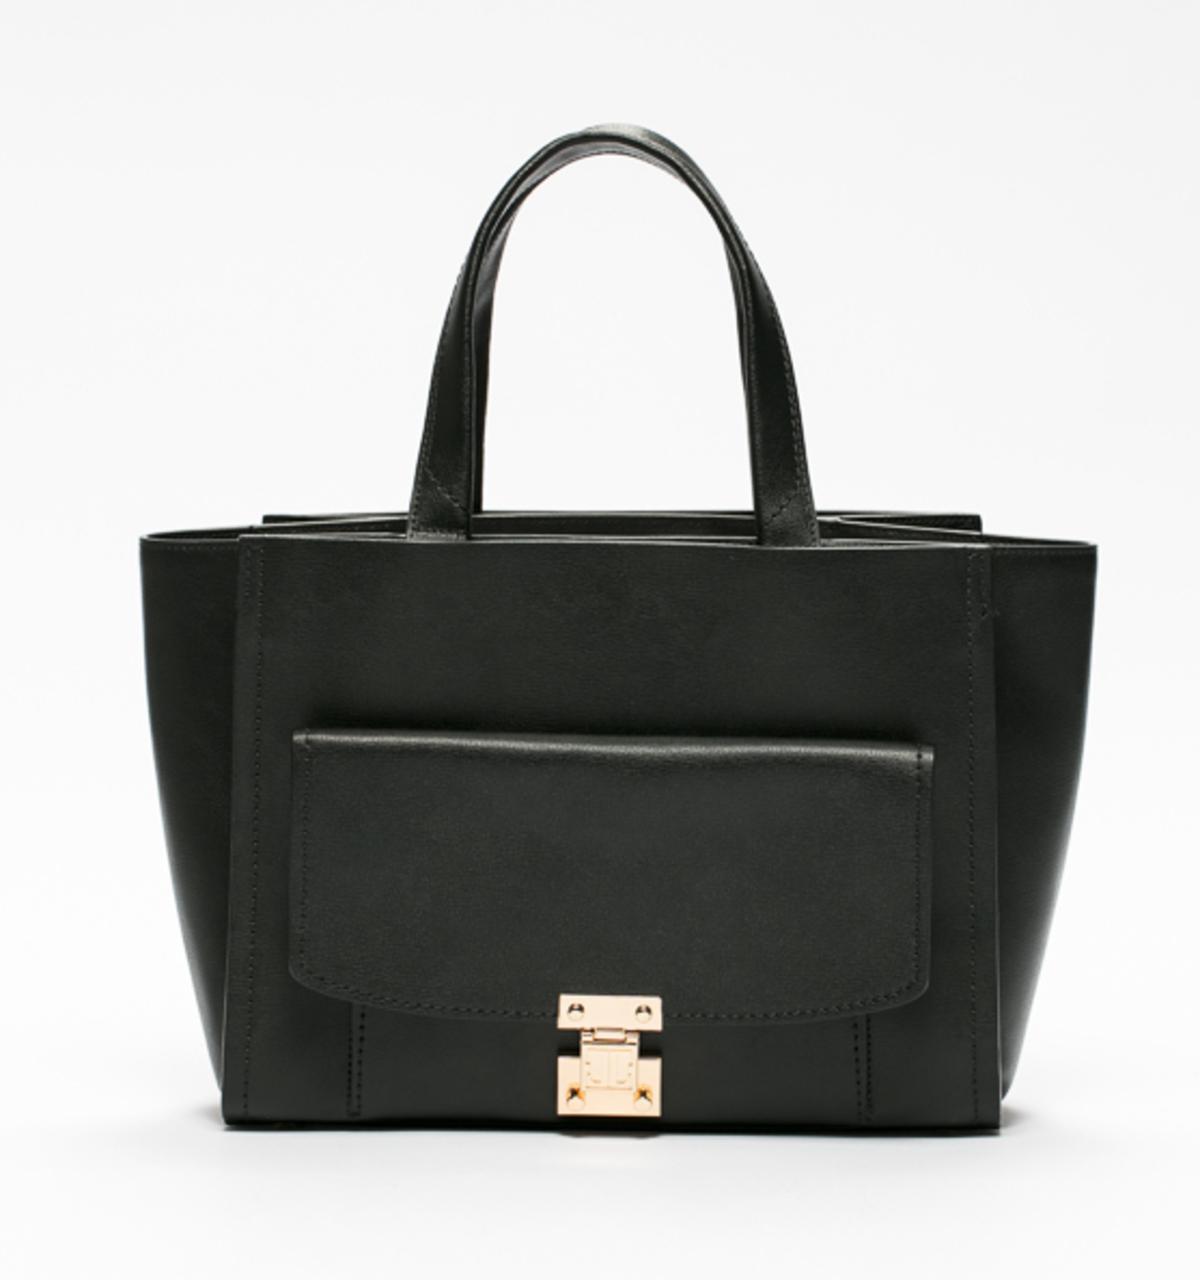 Stanton Luggage Shopper